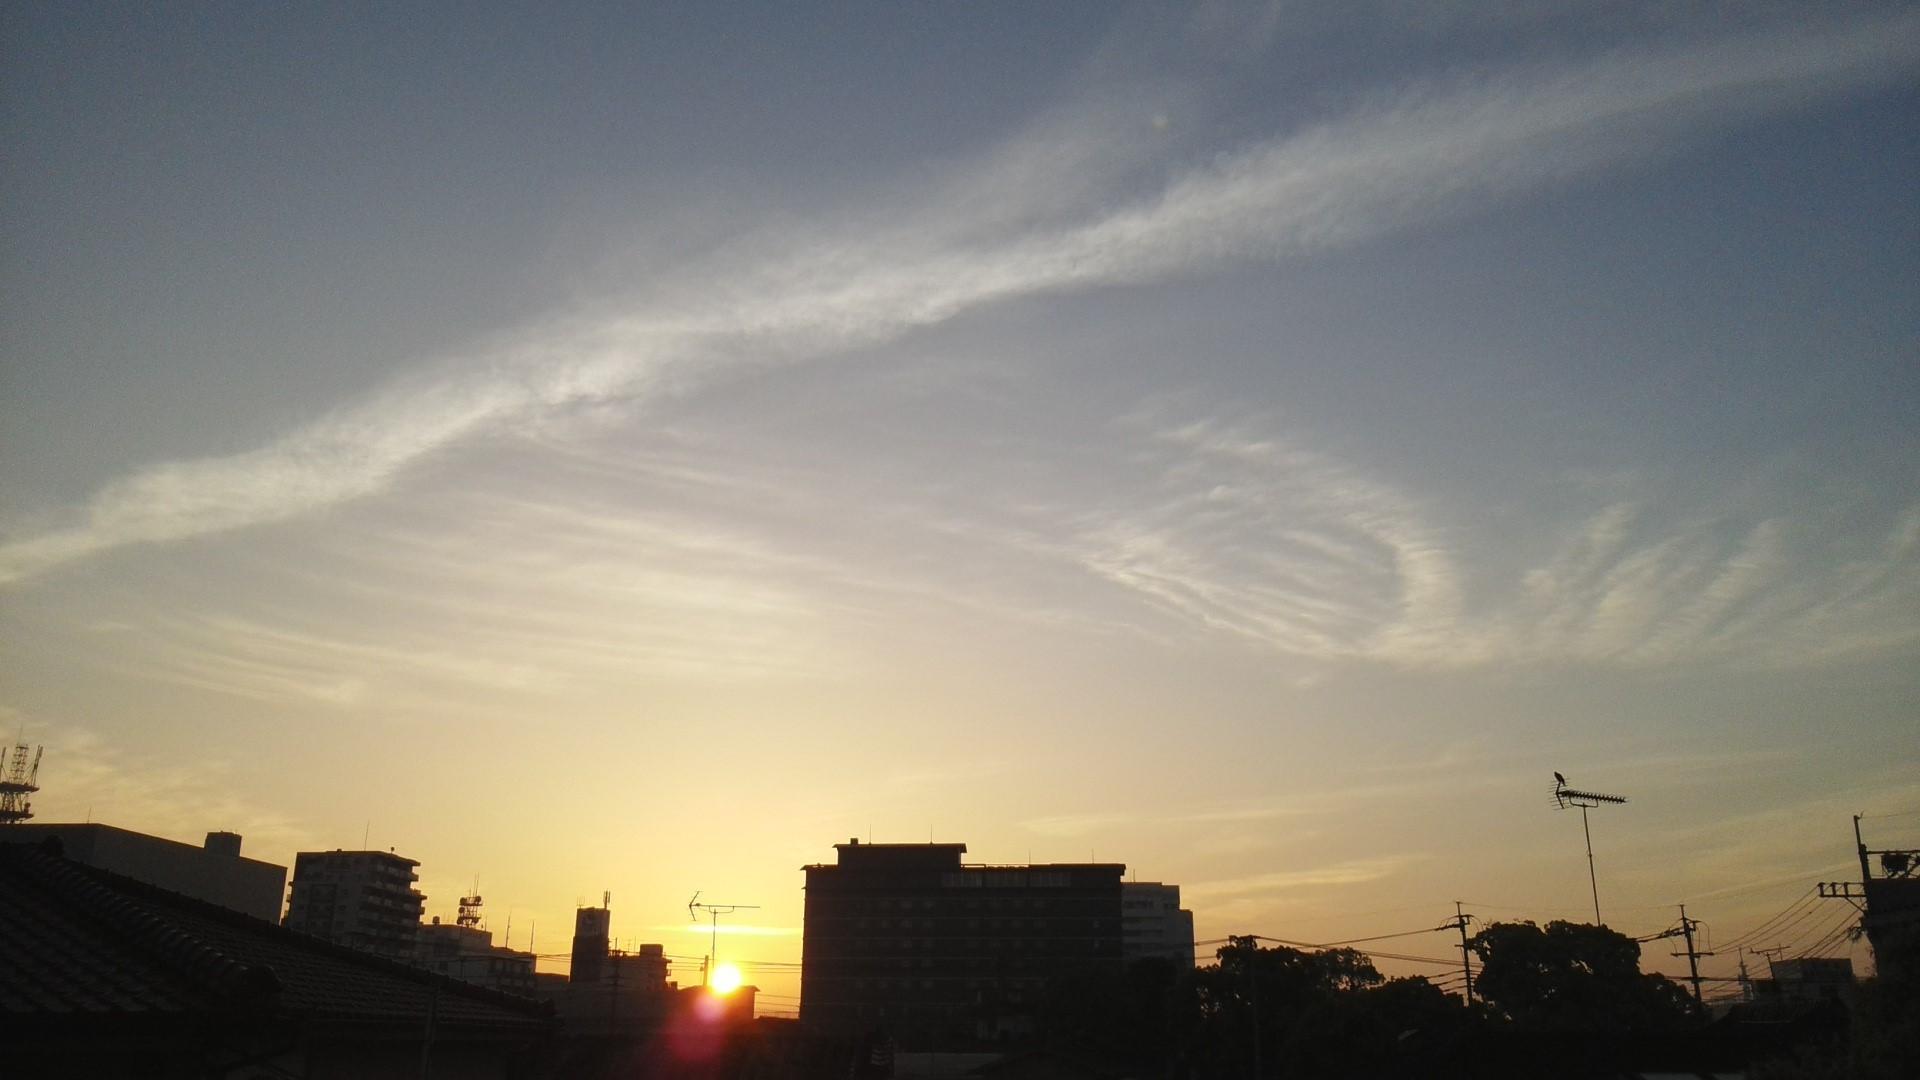 〔空と雲〕神様のお絵かき&空にお習字?…。(^^)_b0298740_22220737.jpg